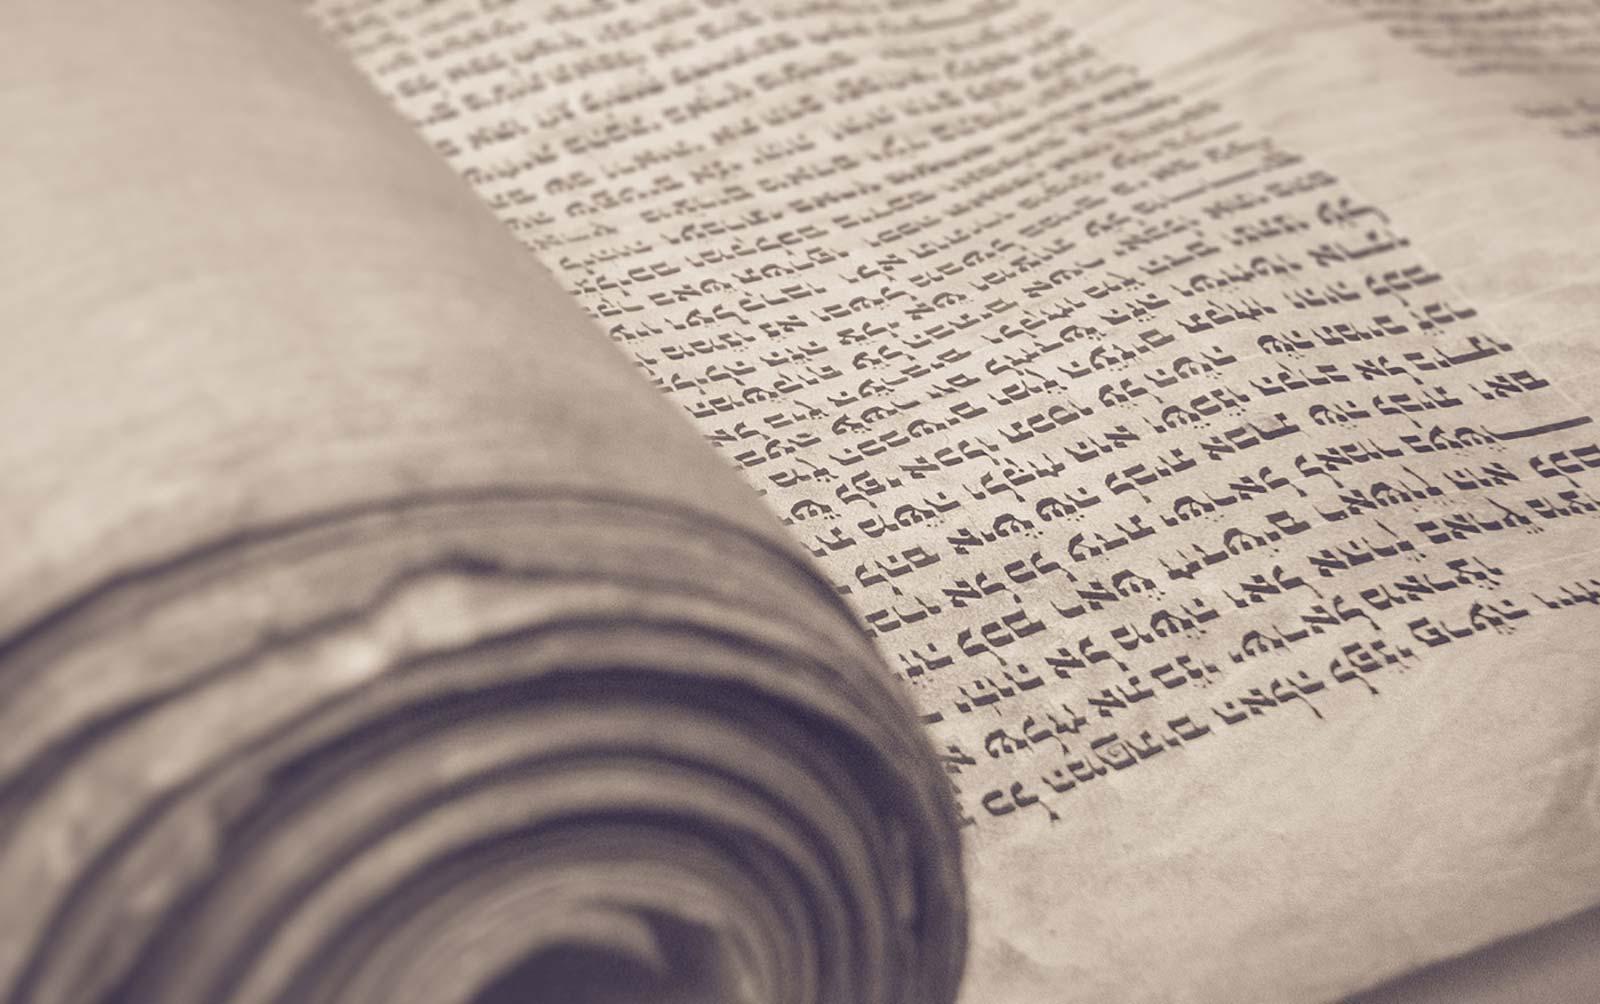 Did Jesus really exist? Don't we have untrustworthy copies of copies of copies of the Gospels?